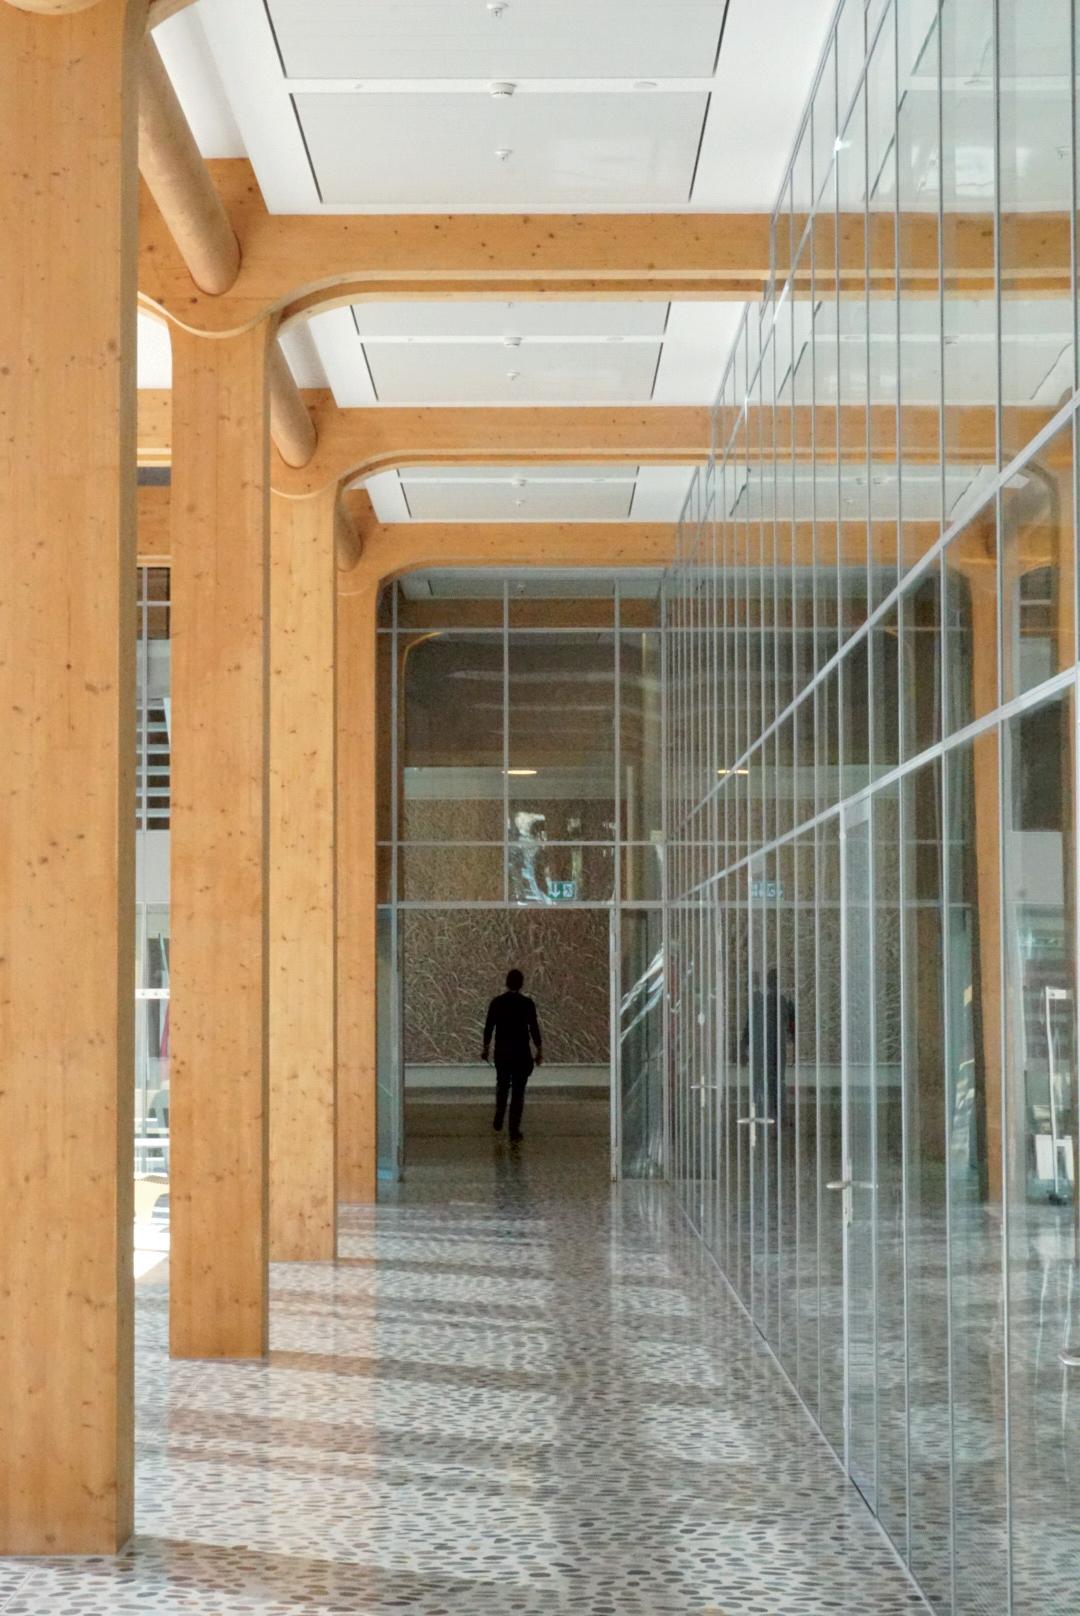 Svetlá drevená konštrukcia 7-podlažnej kancelárskej budovy od Shigeru Bana je nielen nositeľom identity, ale aj jedinečného detailu, environmentálneho charakteru apríjemného pôsobenia vpracovnom prostredí.